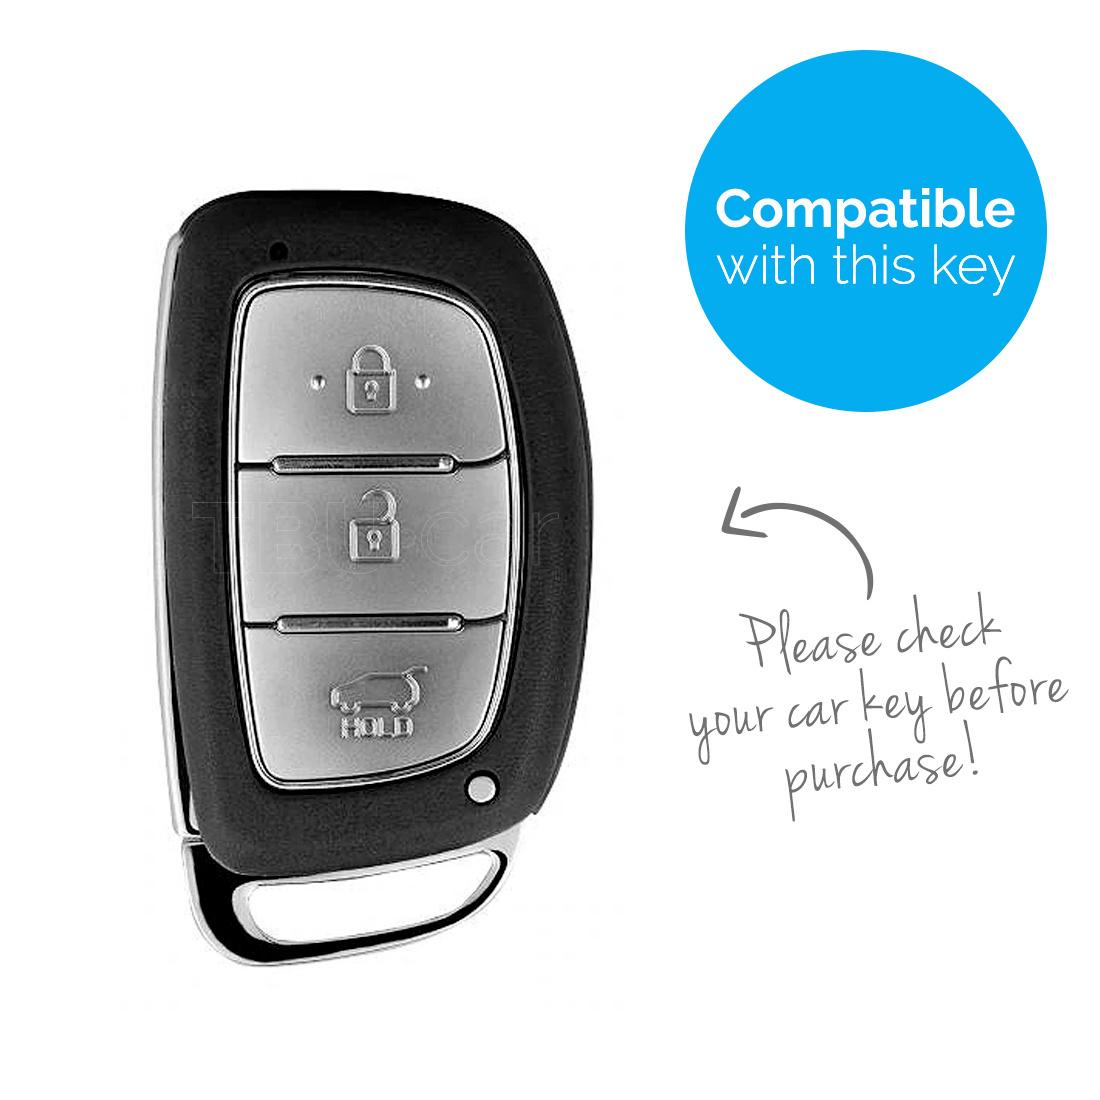 TBU car Autoschlüssel Hülle für Hyundai 3 Tasten (Keyless Entry) - Schutzhülle aus Silikon - Auto Schlüsselhülle Cover in Violett